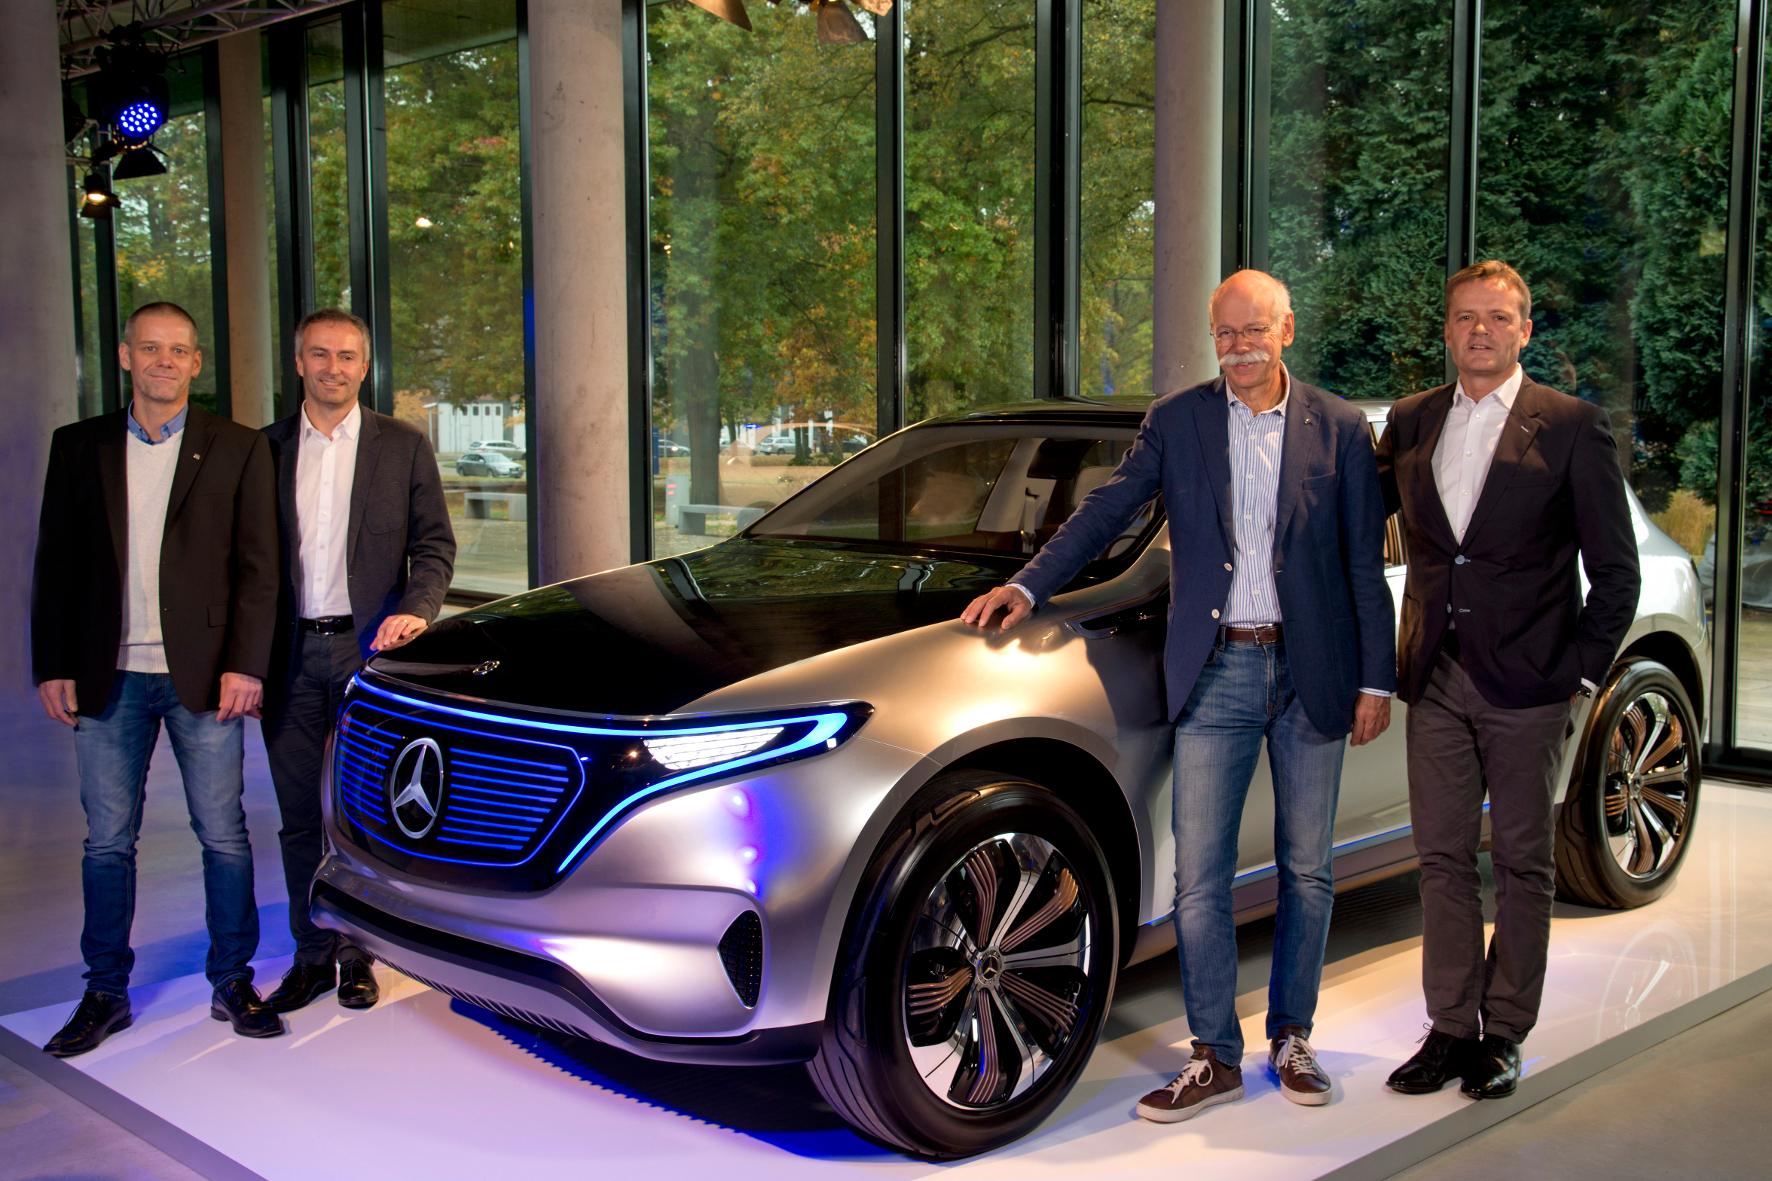 mid Groß-Gerau - Elektrisches aus dem Norden: Daimler-Chef Dieter Zetsche (2.v.r.) kündigt den Produktionsstart elektrischer Automobile im Werk Mercedes-Bremen an.